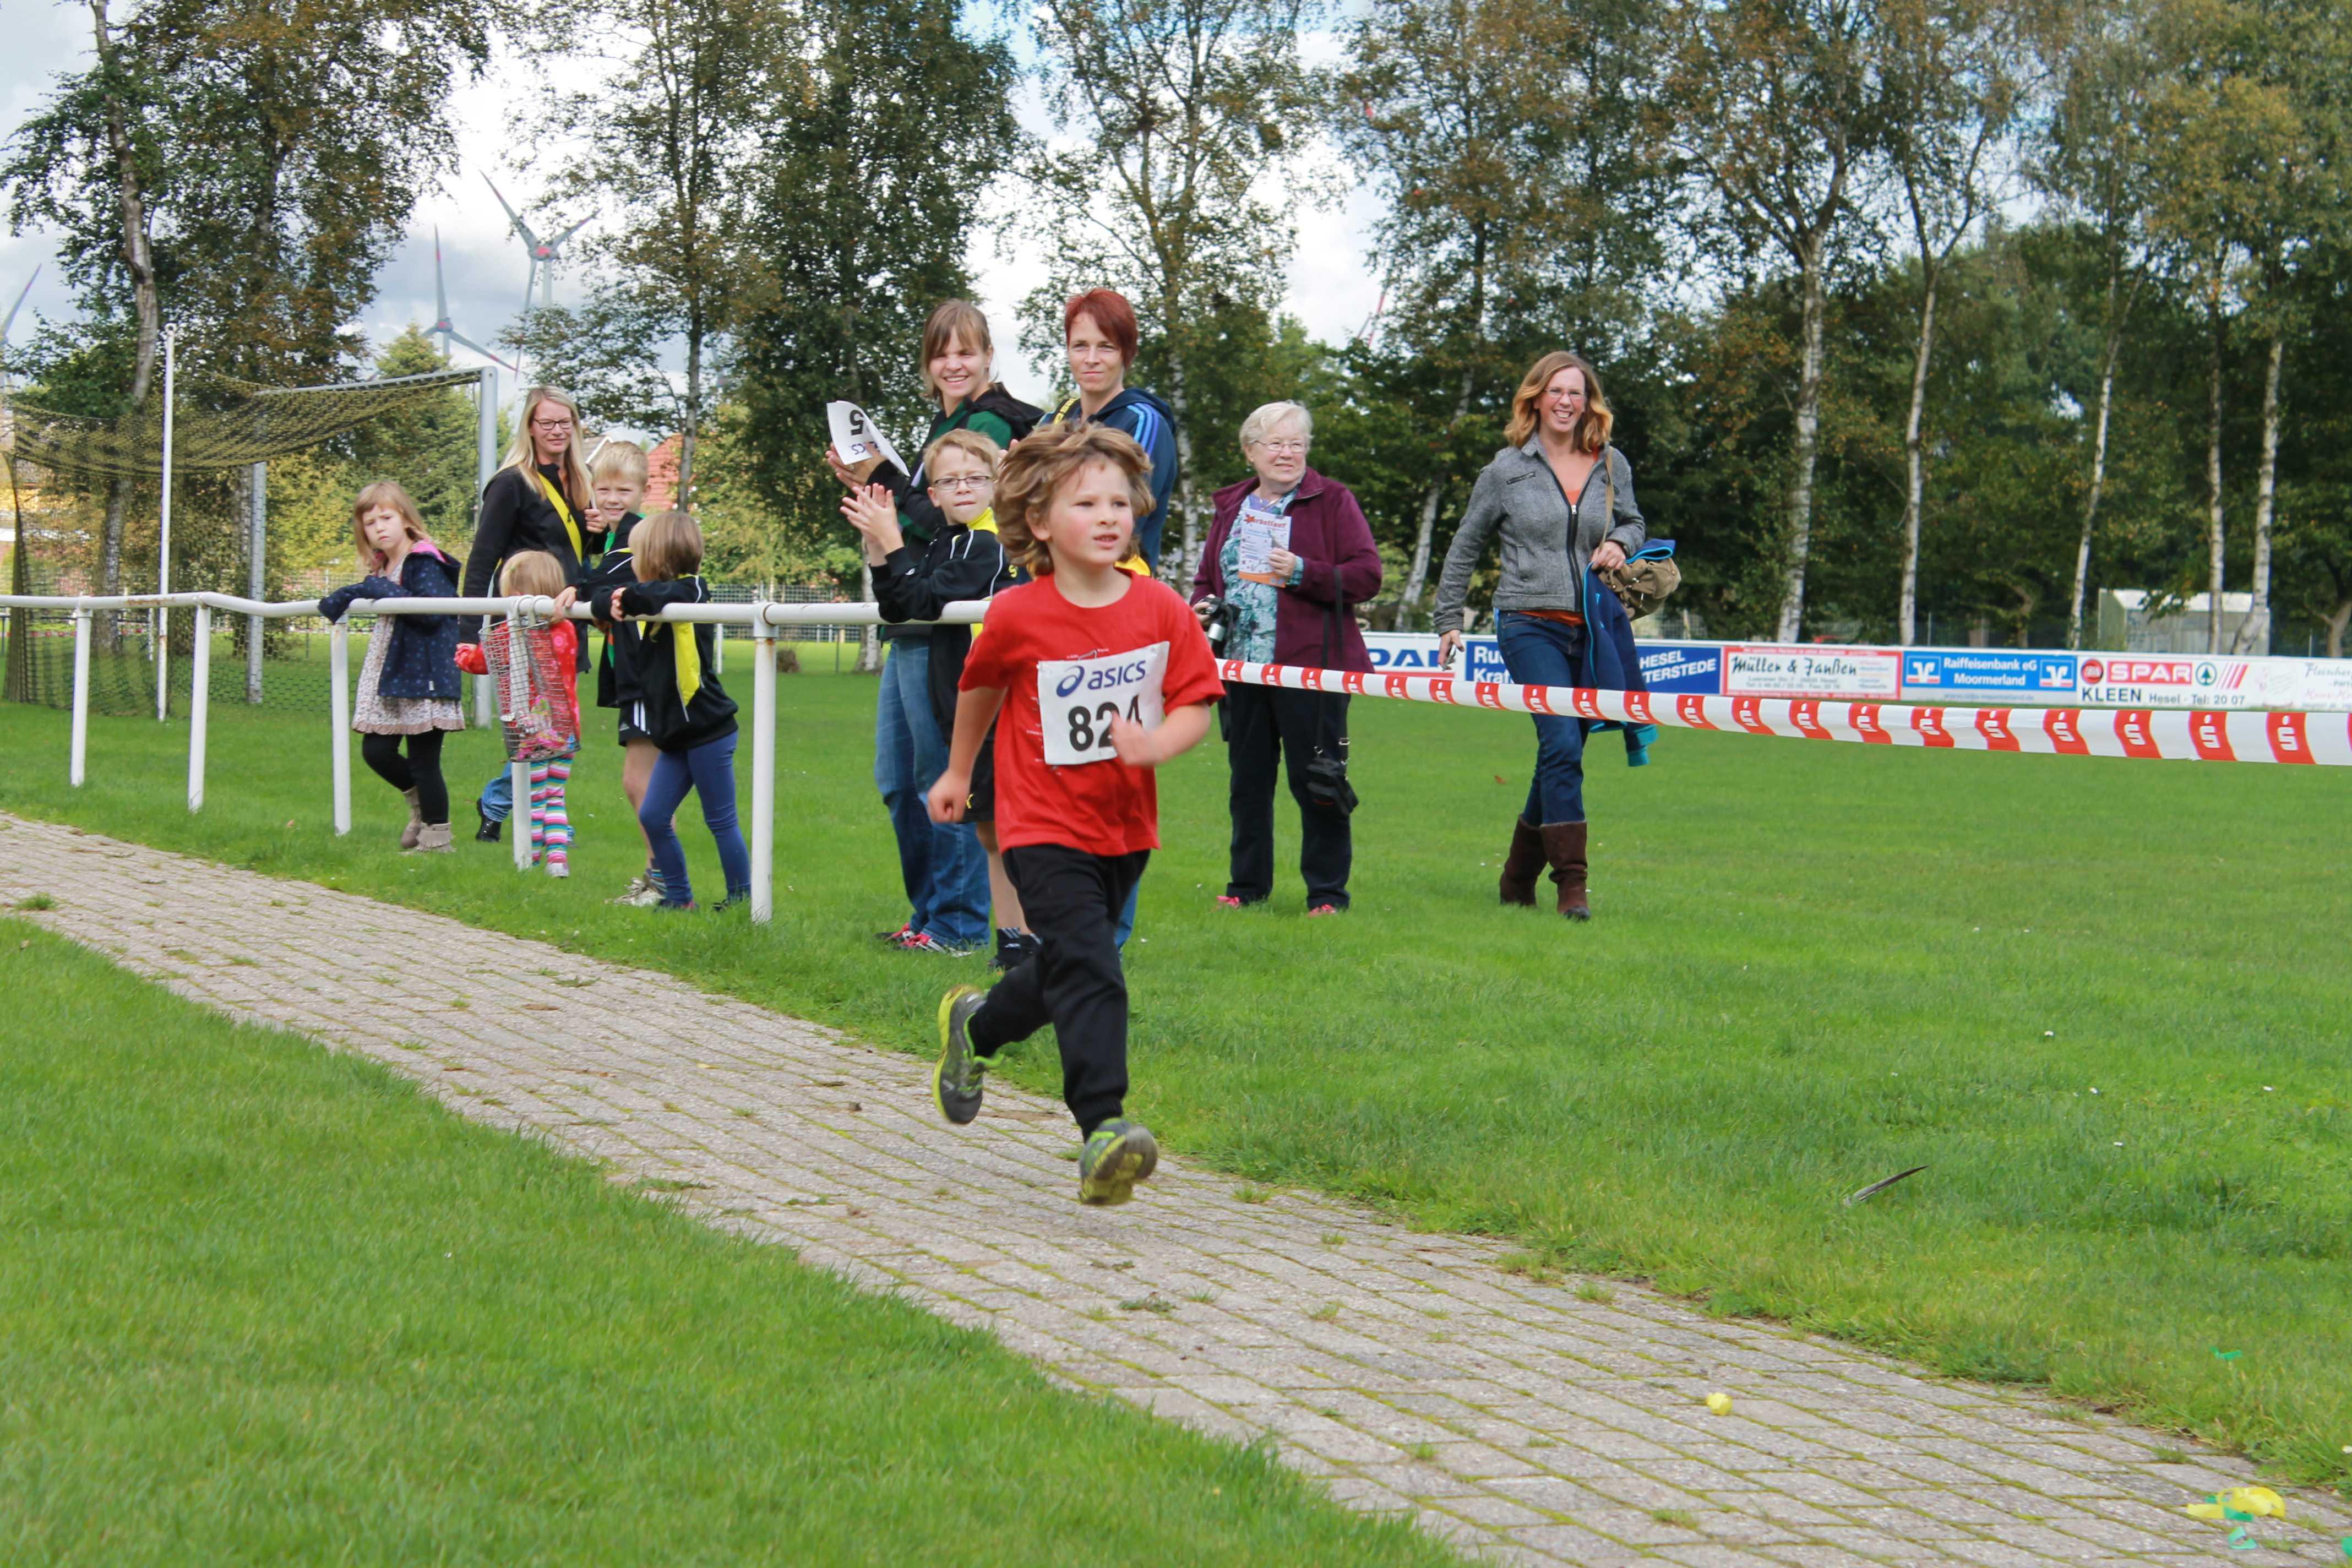 2015-09-26 Vezi Lauf (194)